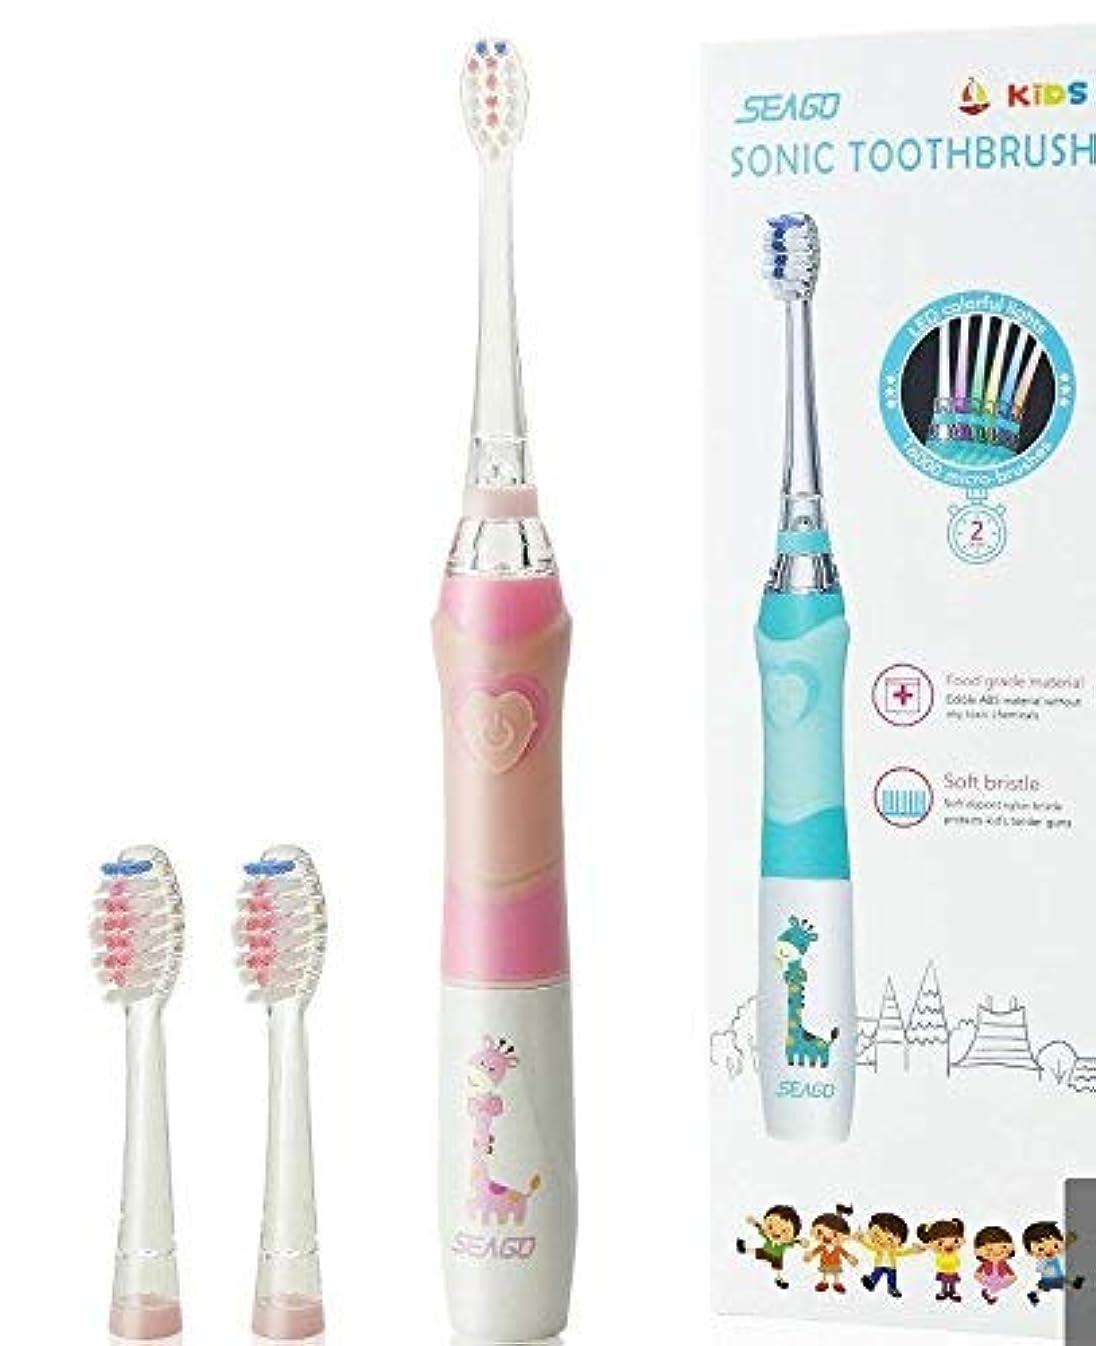 SEAGO(シーゴ) 音波振動歯ブラシ こども用電動歯ブラシ キッズ 歯磨き デンタルケア 乾電池式 EK6-ピンク